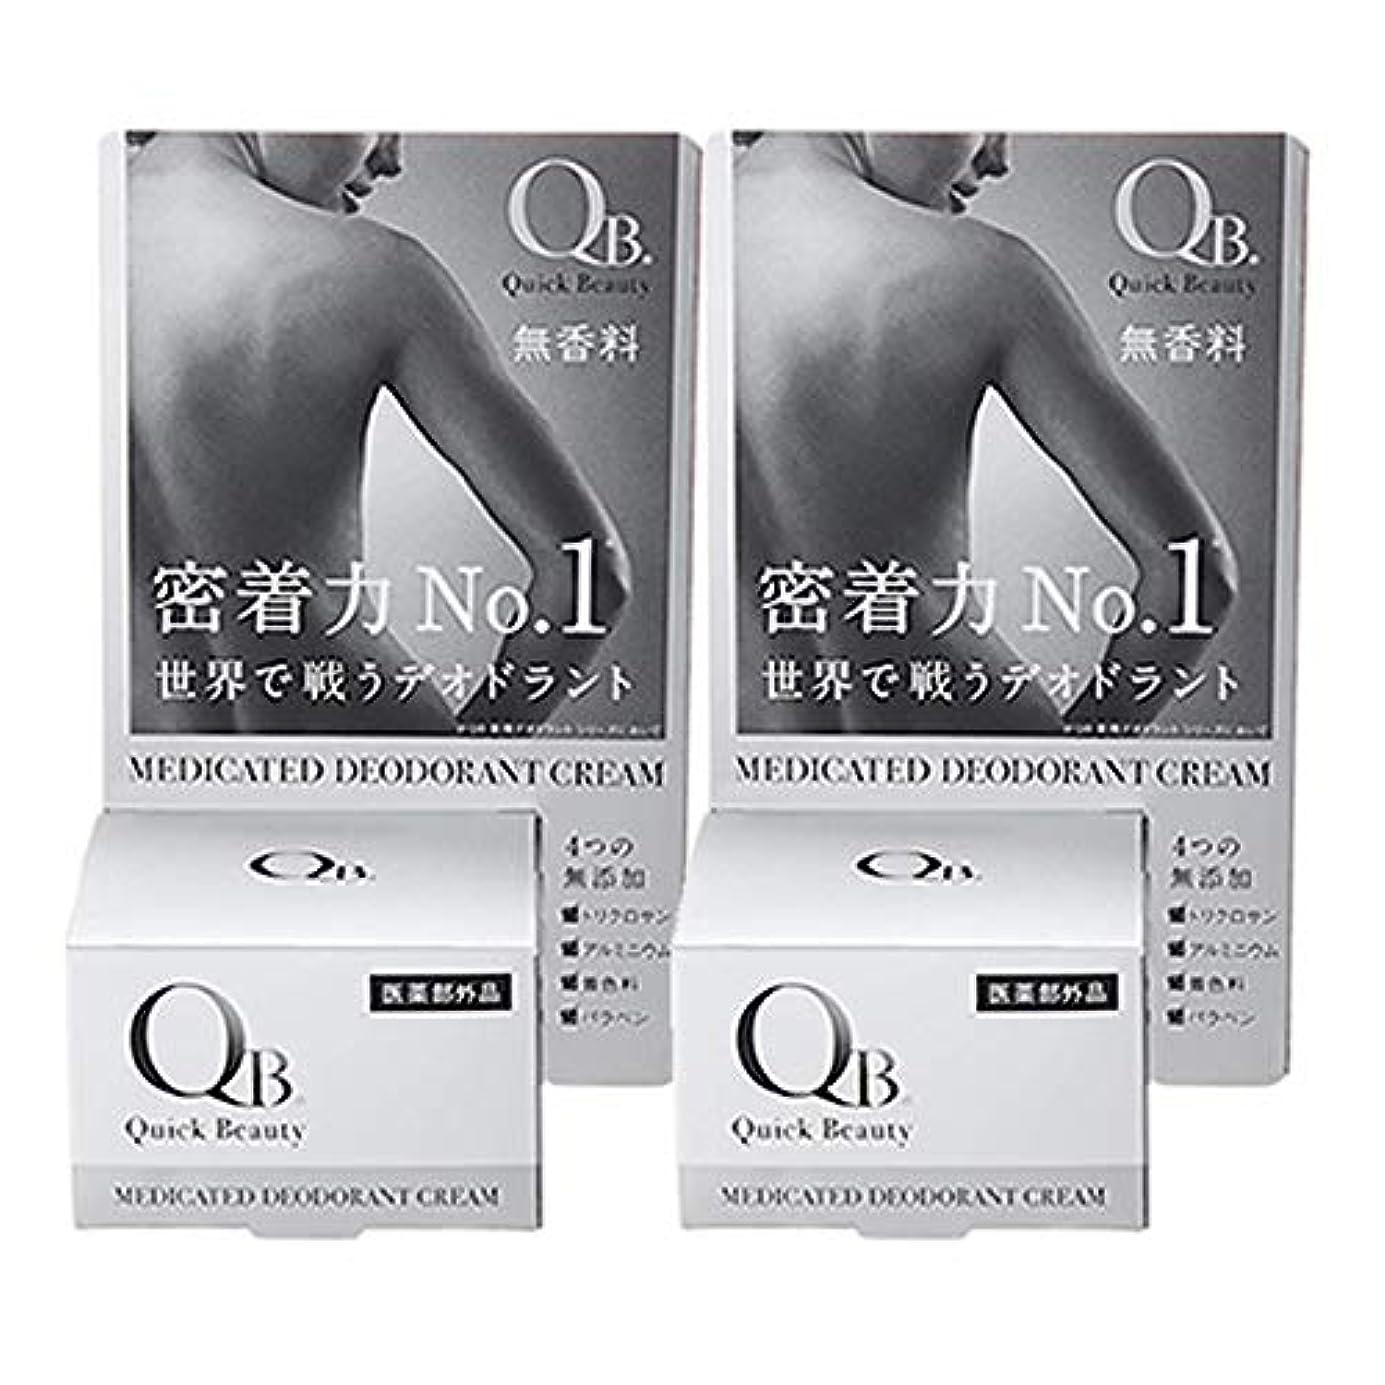 ぬるい概念QB薬用デオドラントクリーム《医薬部外品》 (30g×2個)